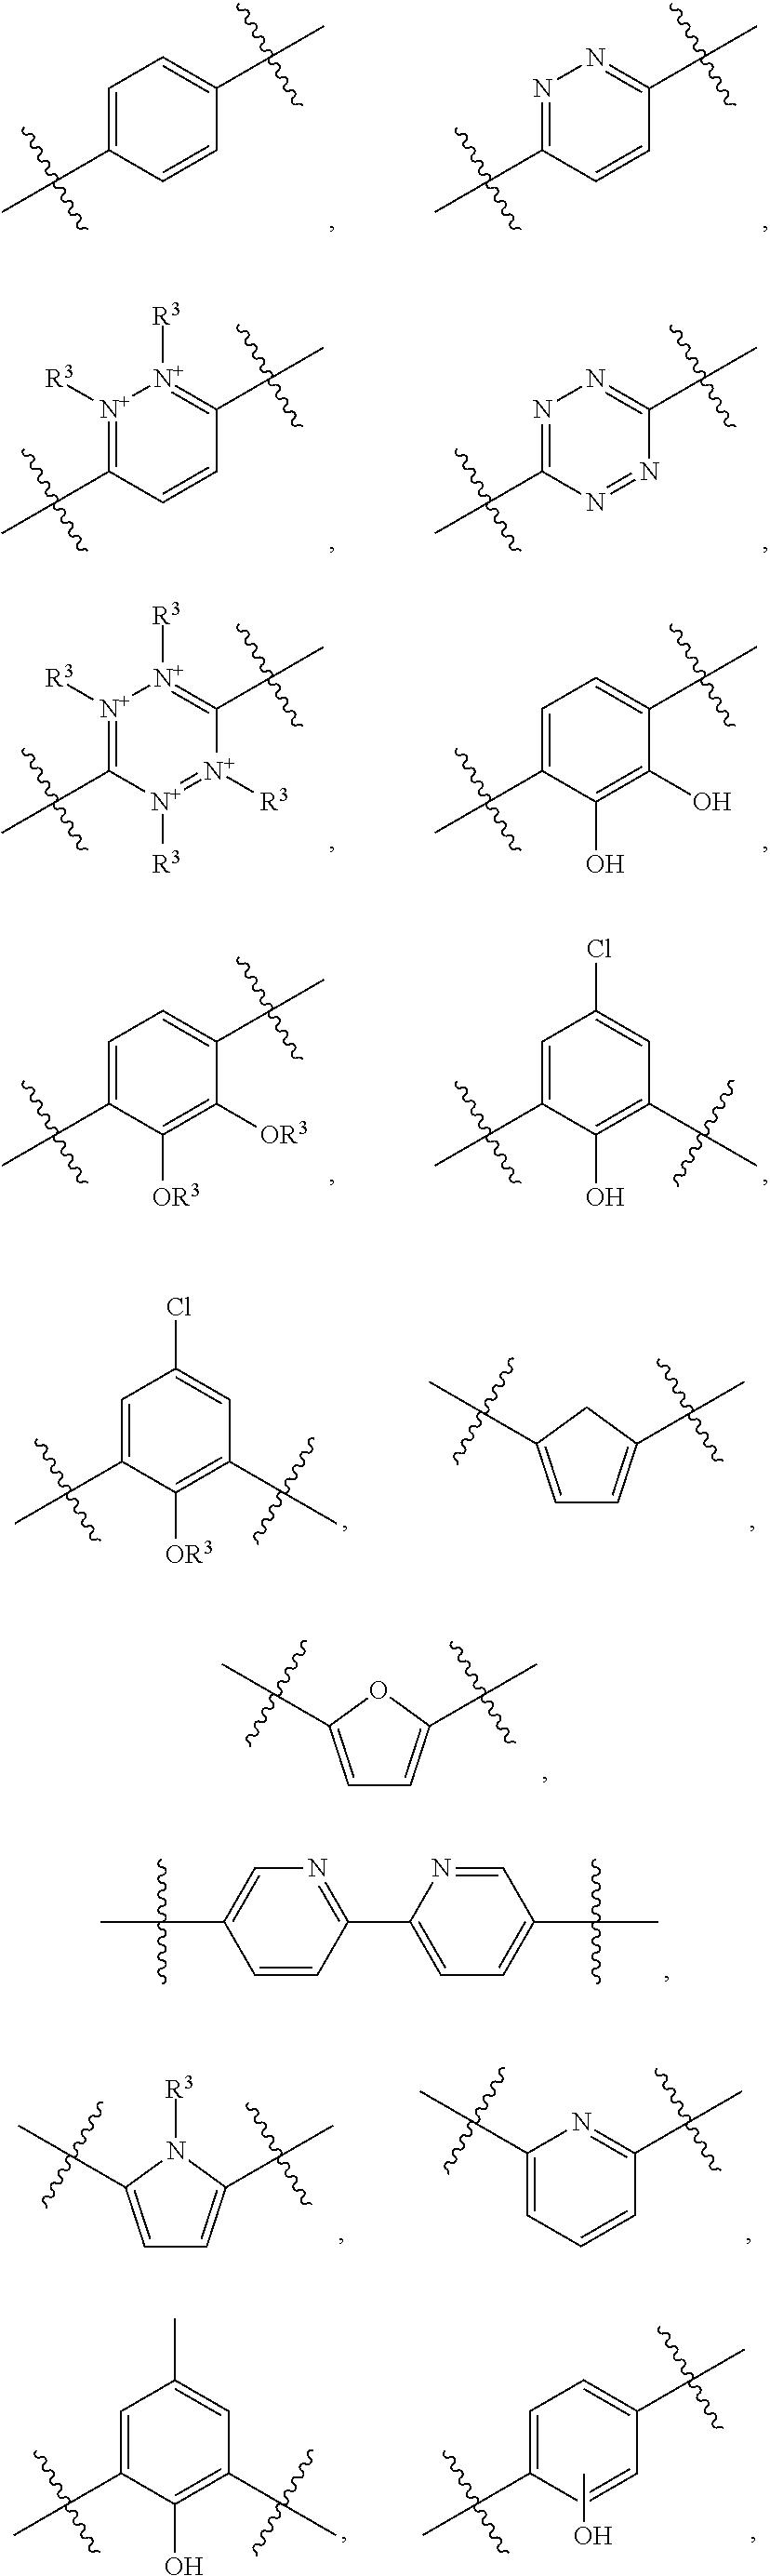 Figure US08067403-20111129-C00010